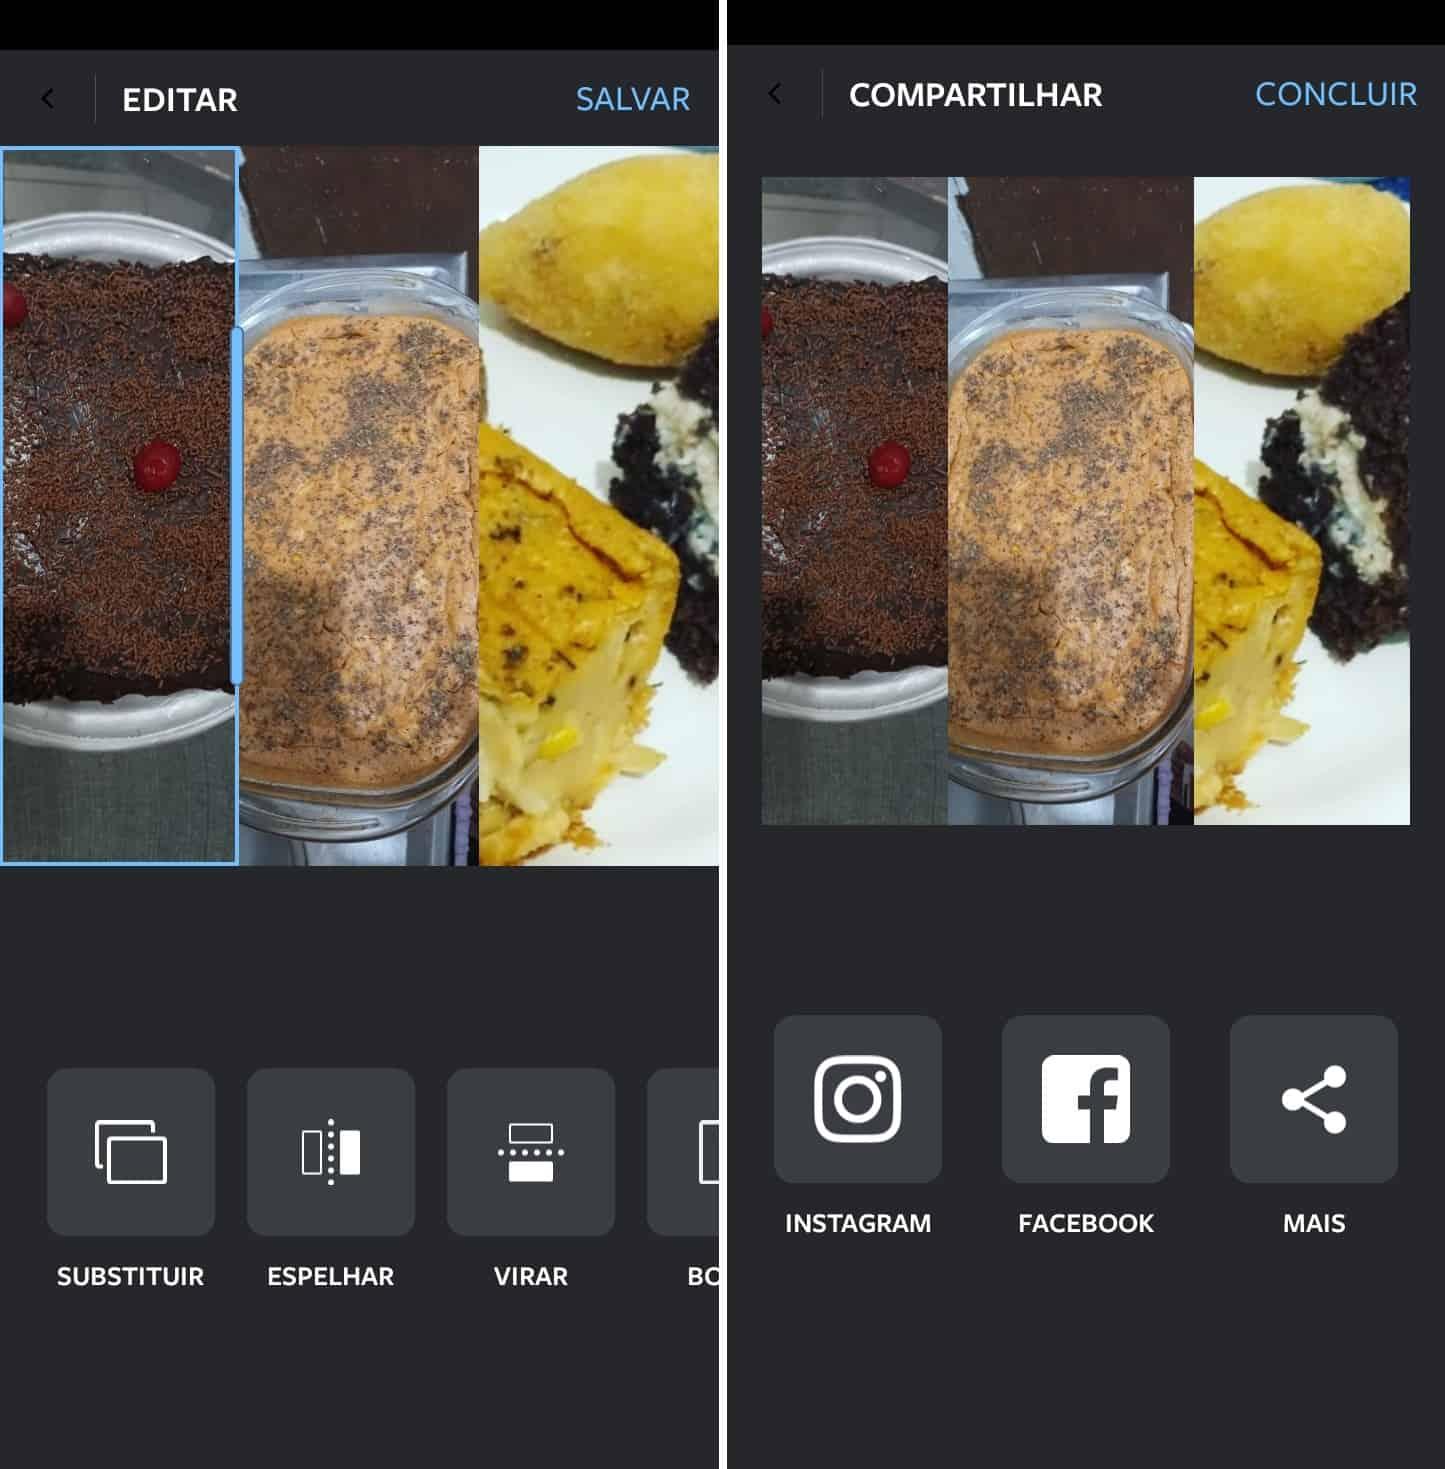 imagem 4 de Como criar colagens com fotos no Instagram e Facebook